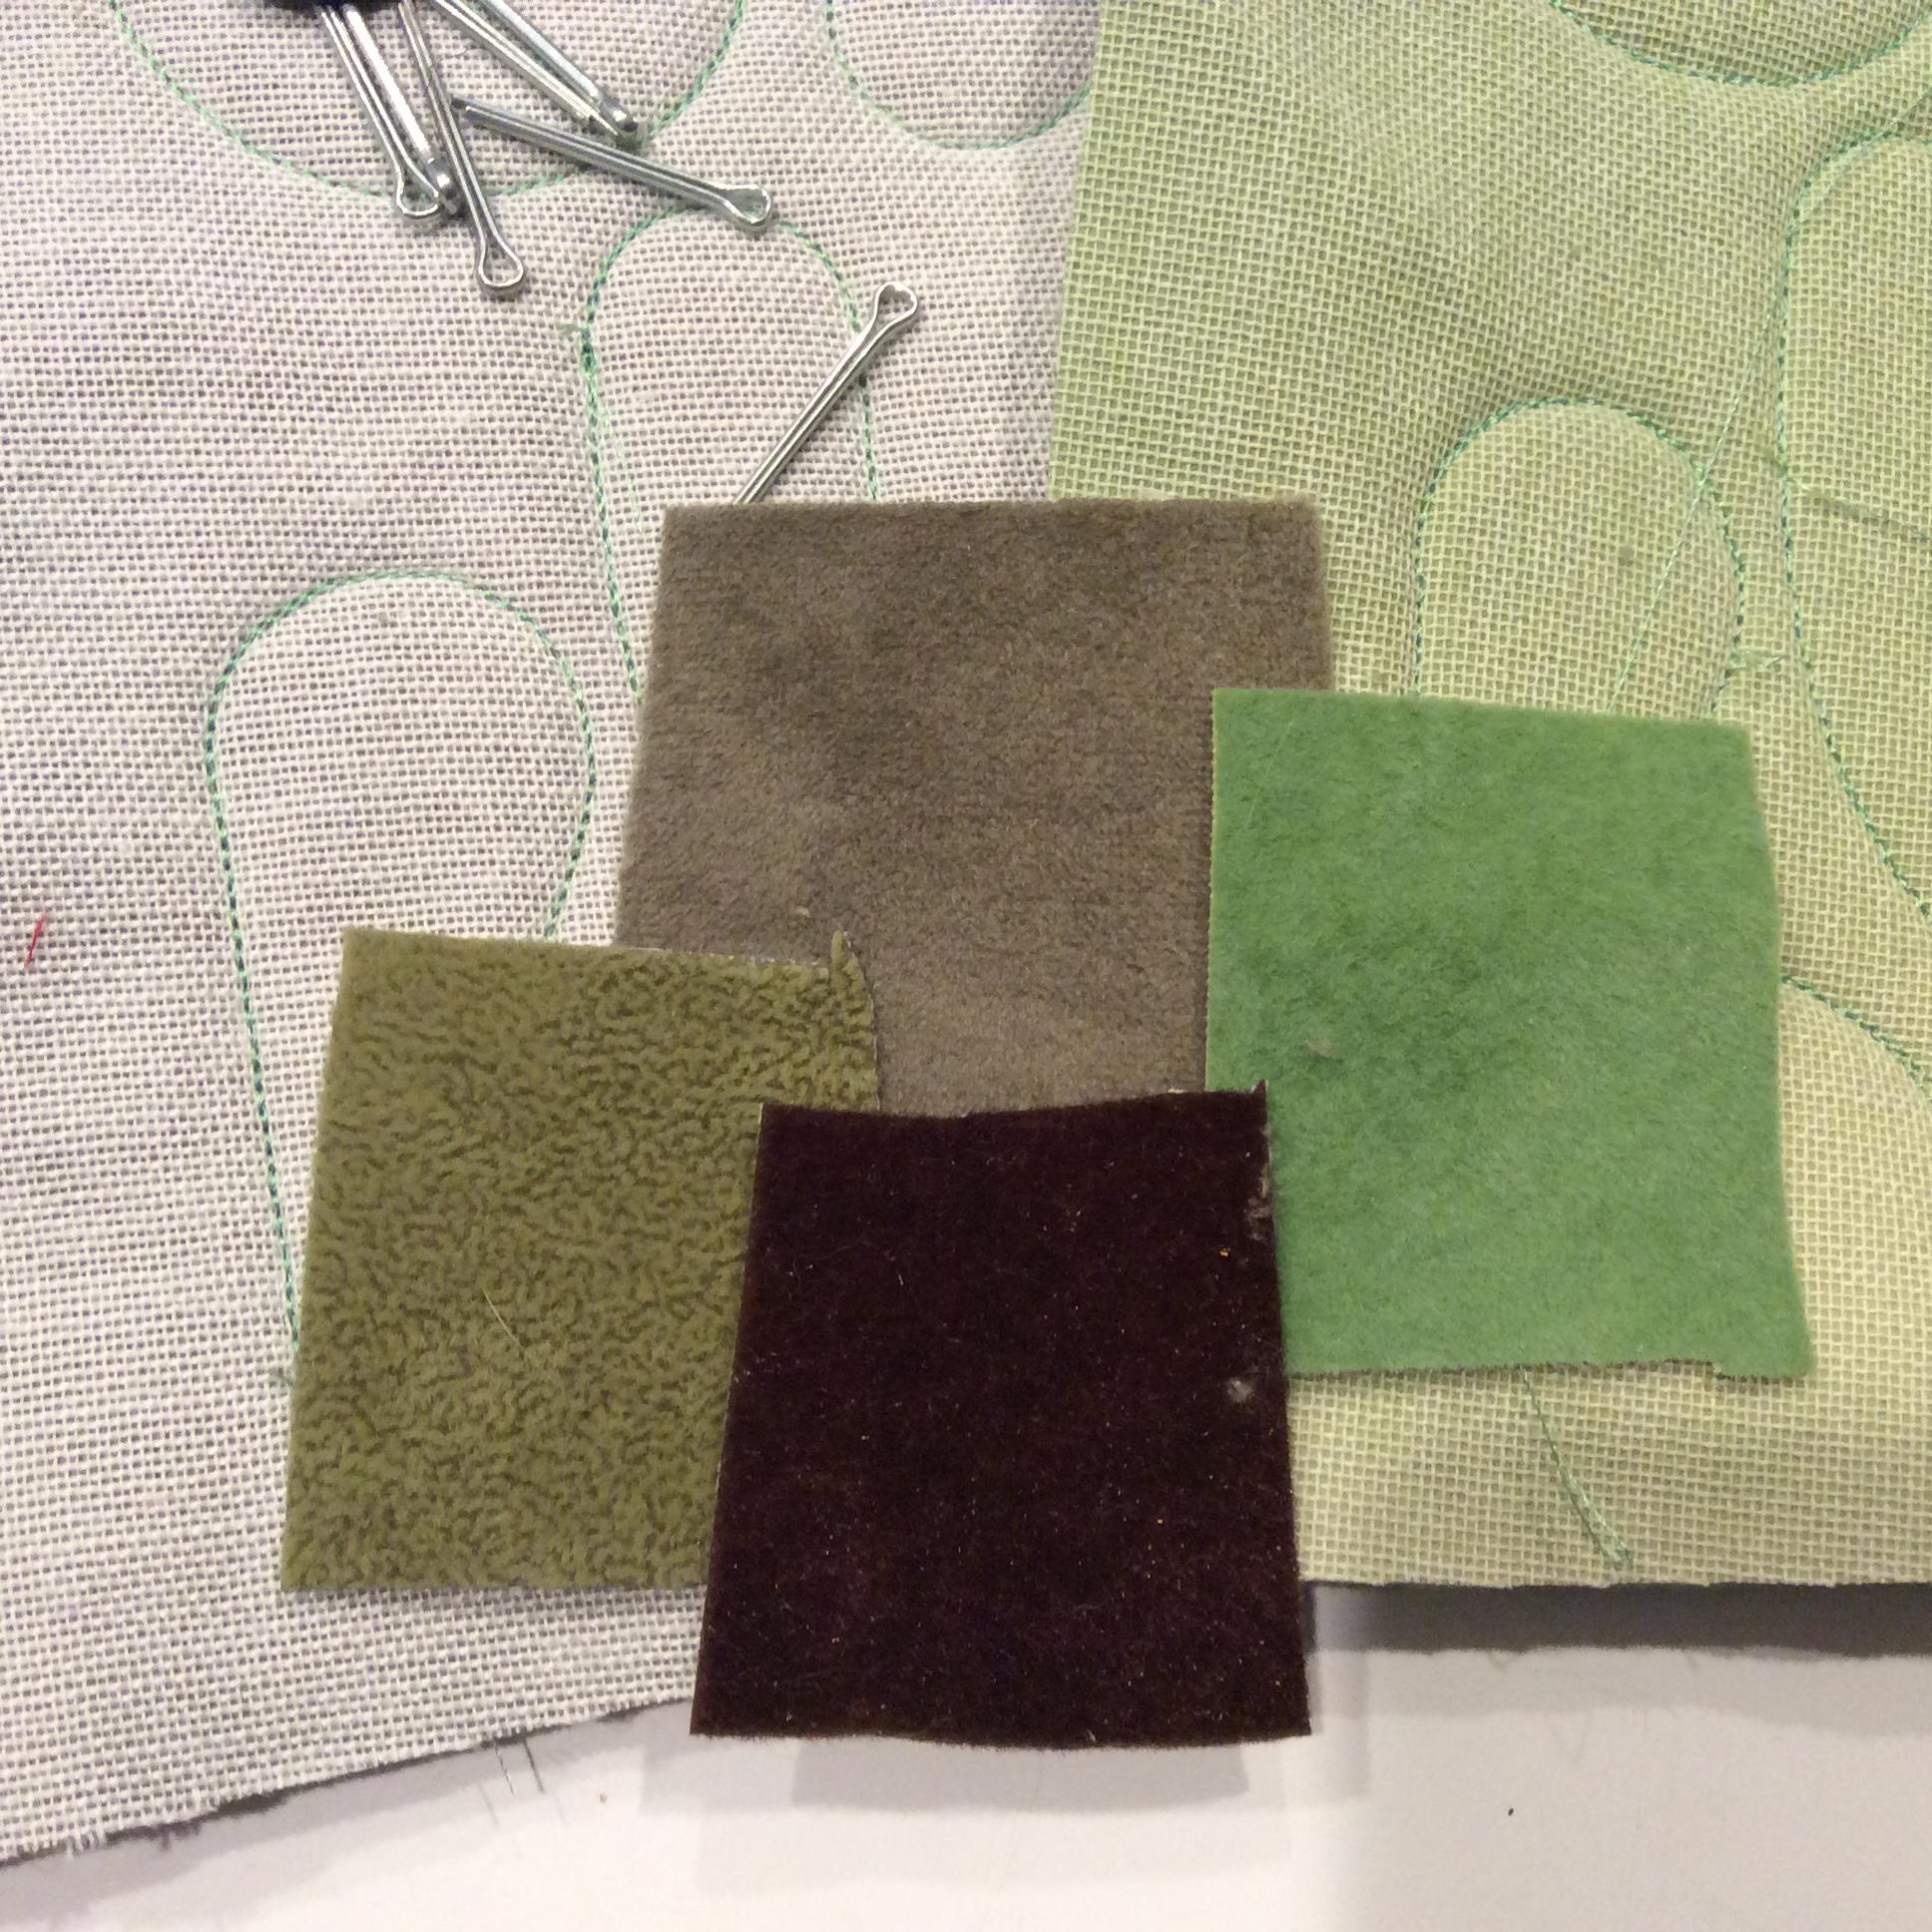 Swatches of upholstery velvet.